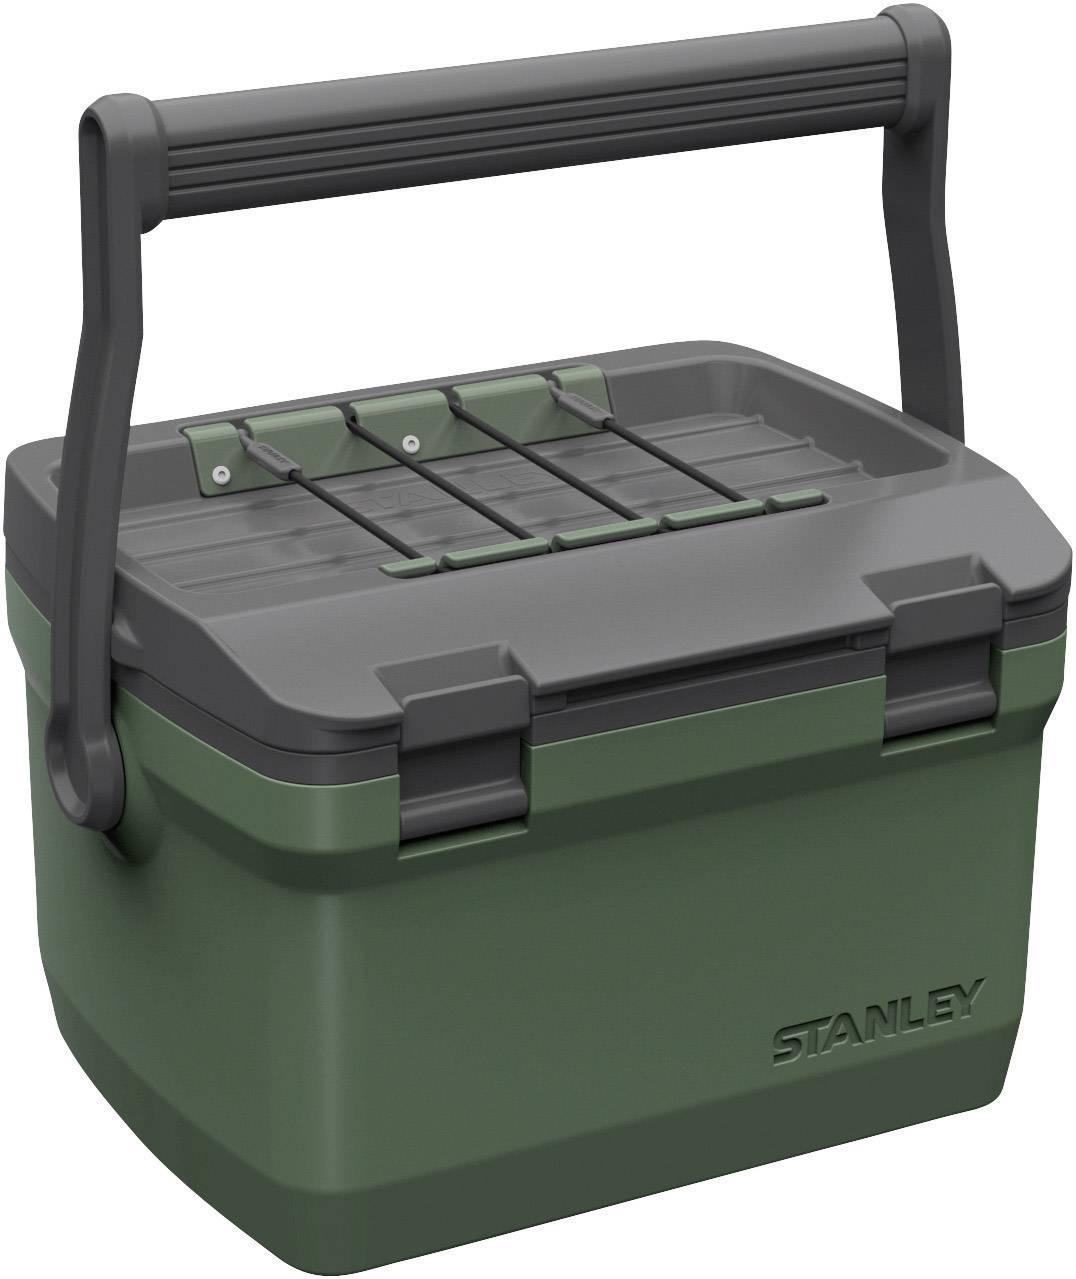 Přenosná lednice (autochladnička) Stanley by Black & Decker Adventure zelená, šedá 6.6 l